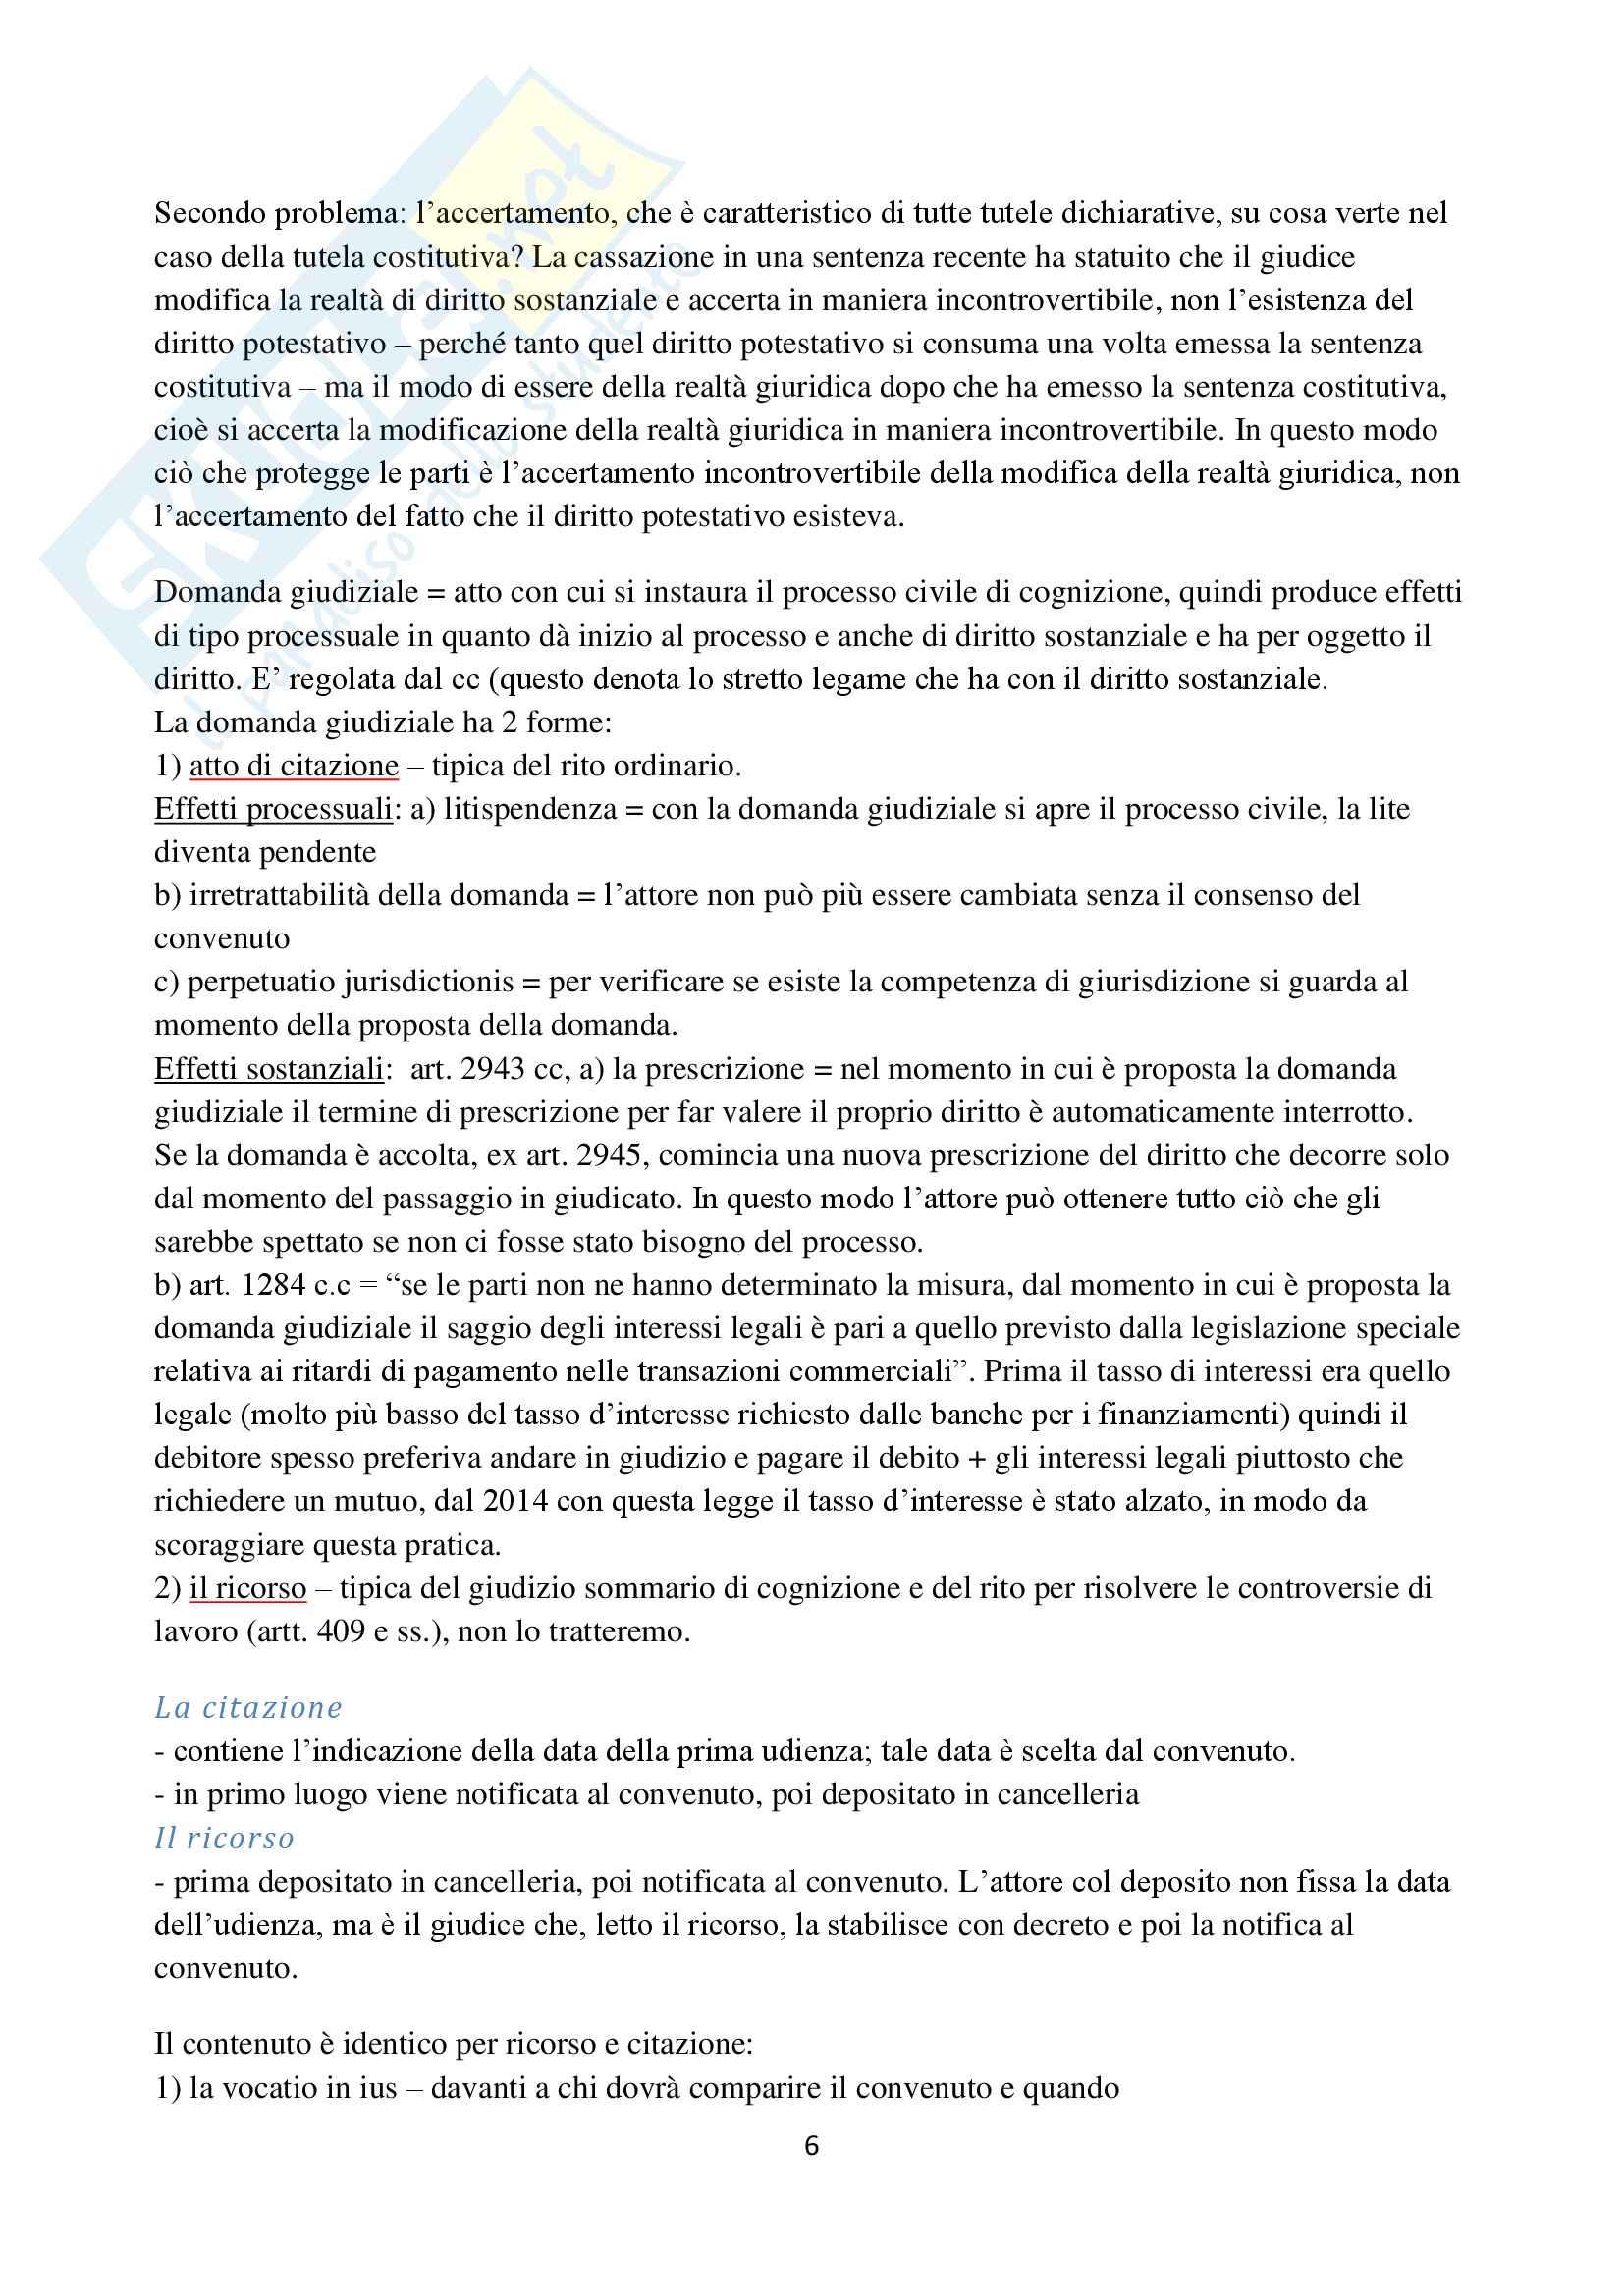 Appunti di Procedura Civile I D'Alessandro per esoneri. Unito Pag. 6